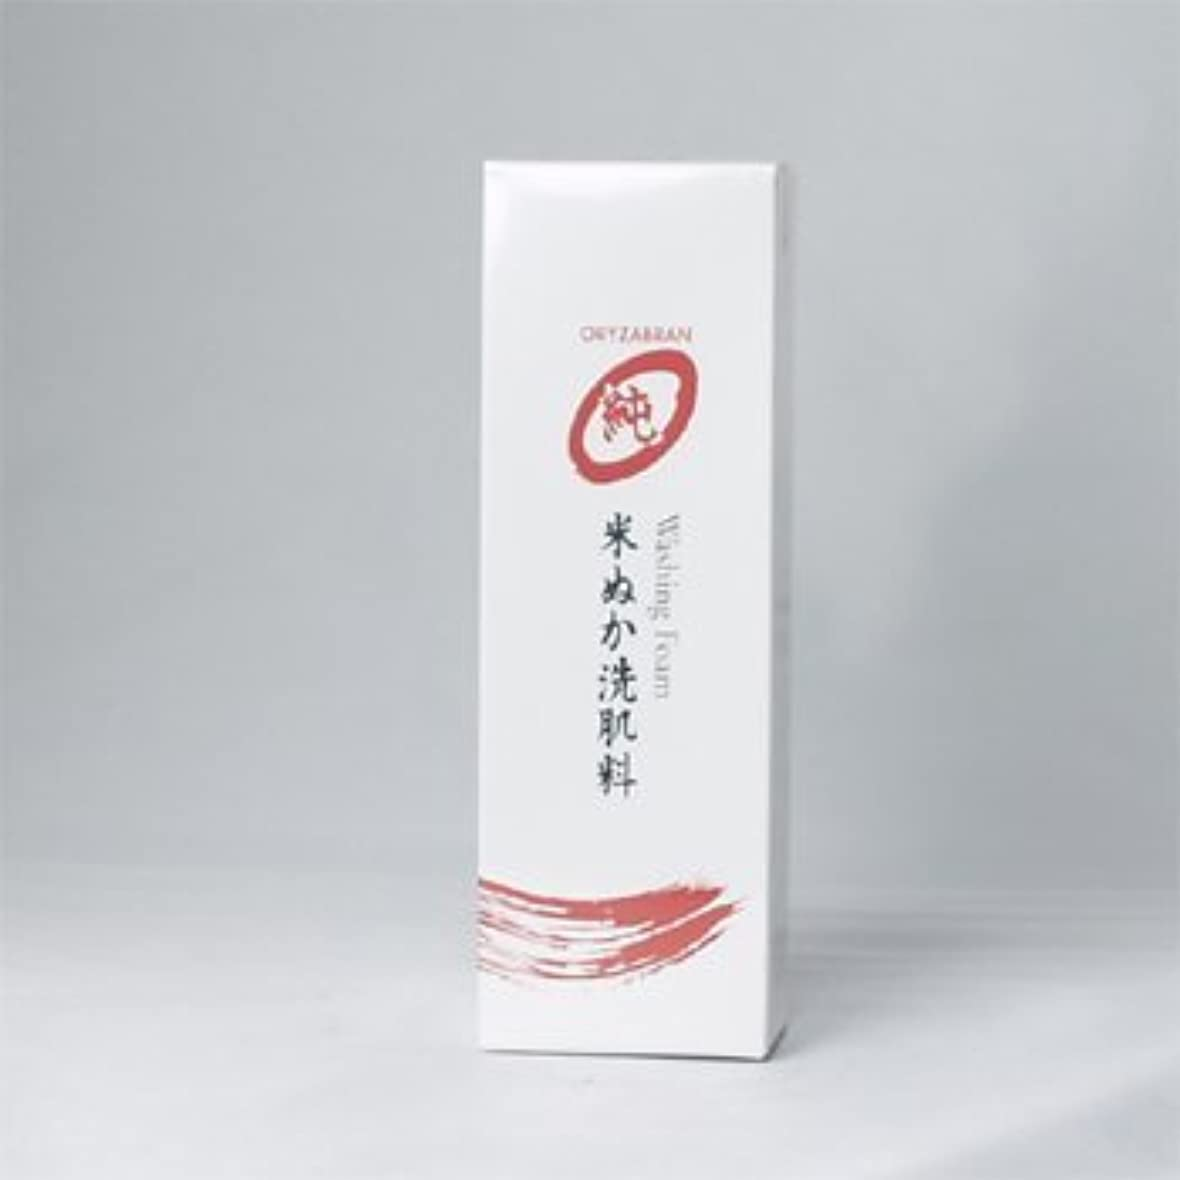 拘束借りているまっすぐにするオリザ純 ウォッシングフォーム(米ぬか洗肌料)100g x3本セット